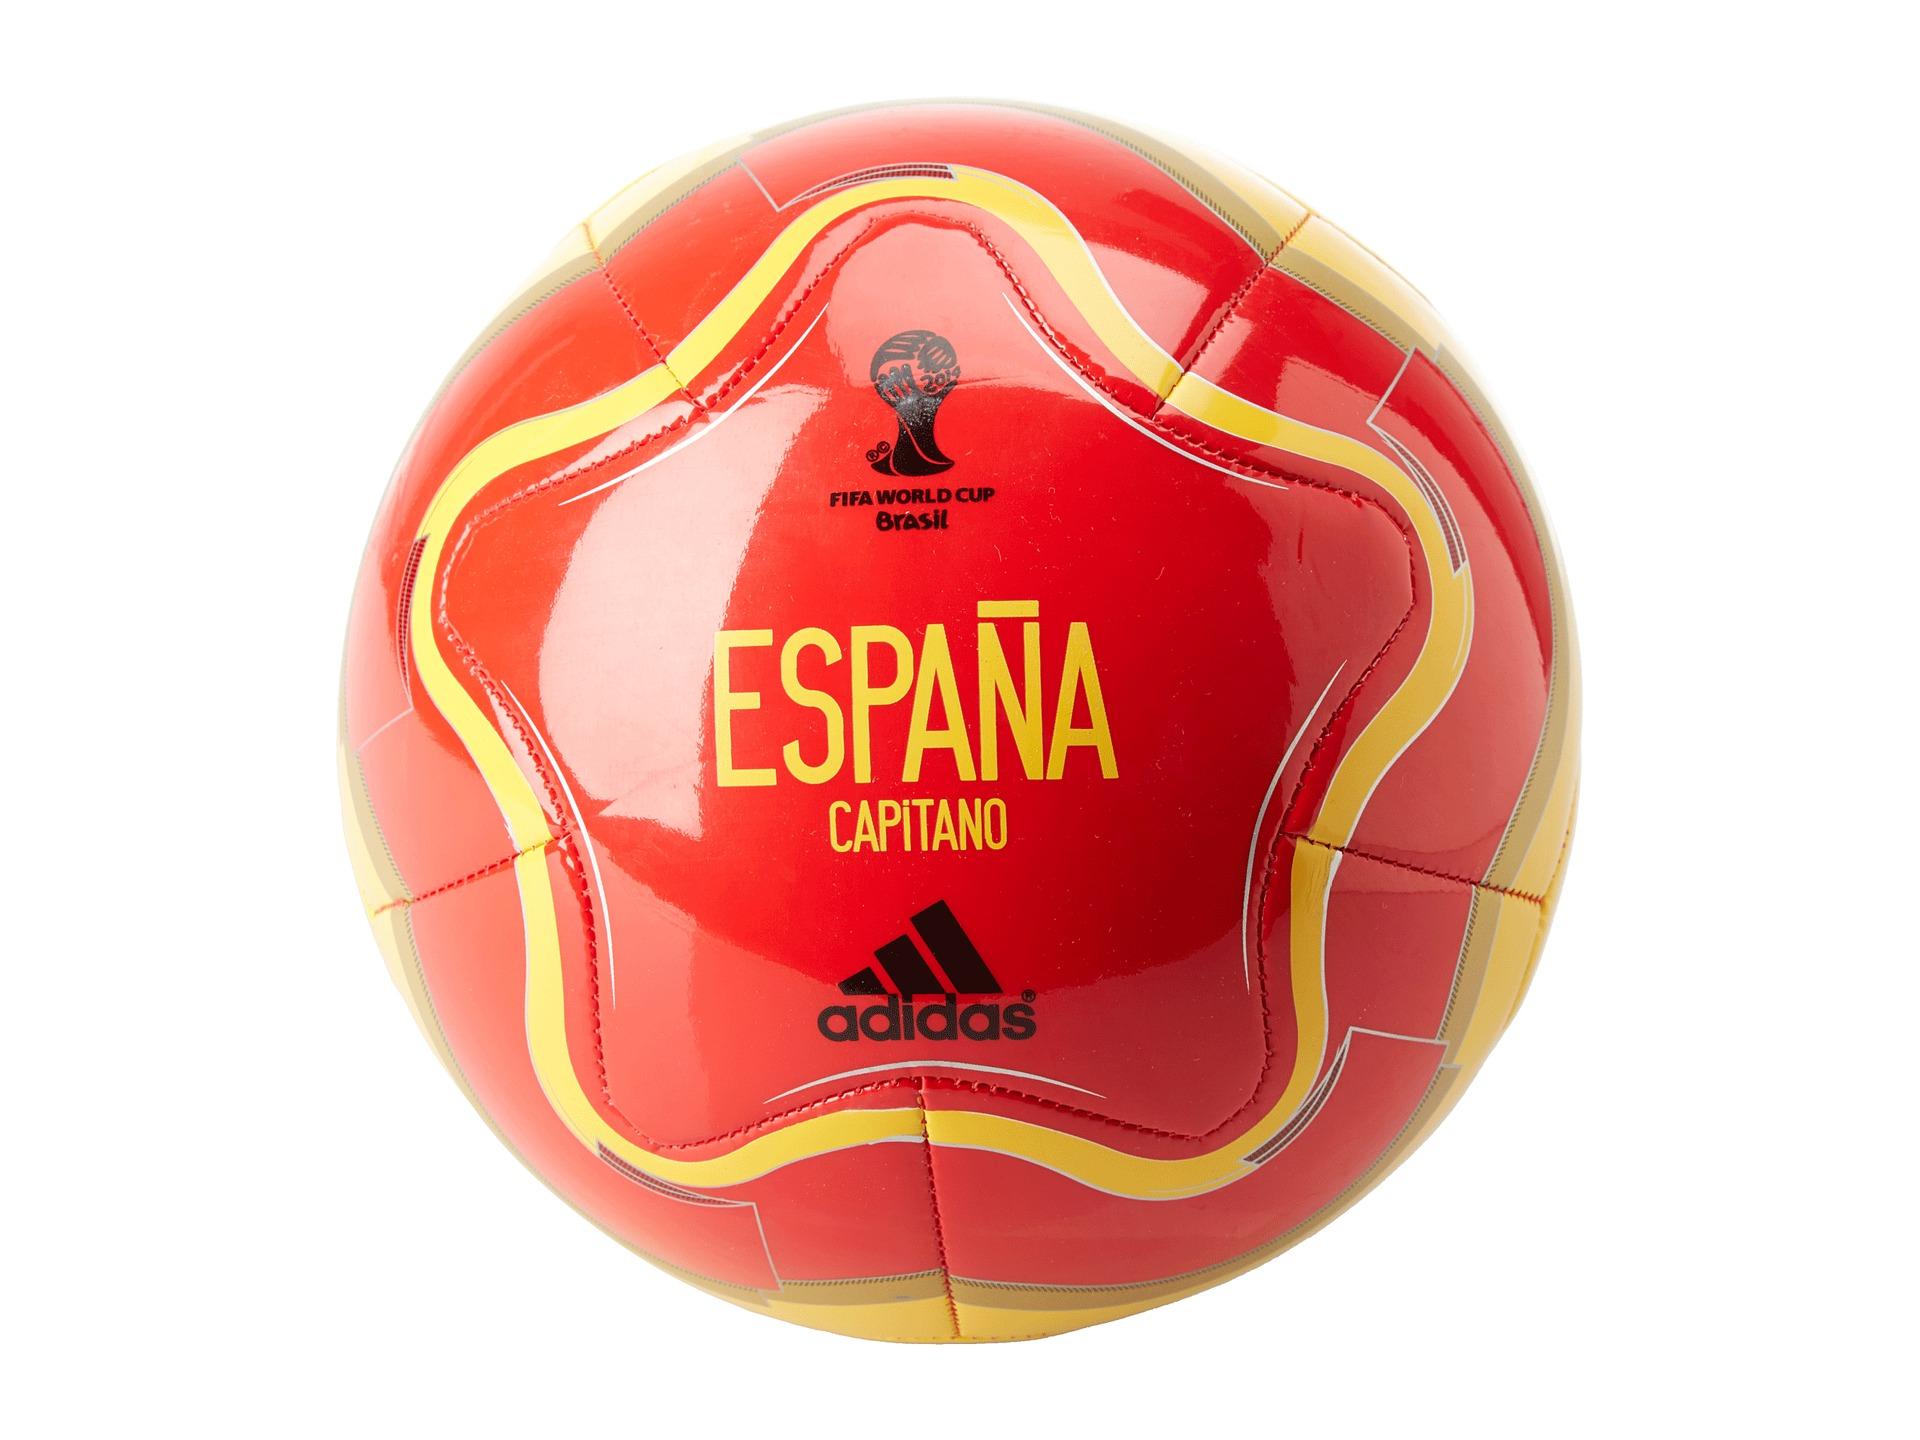 In Spain Adidas Olp 14 Capitano Soccer Ball Zapposcom Free